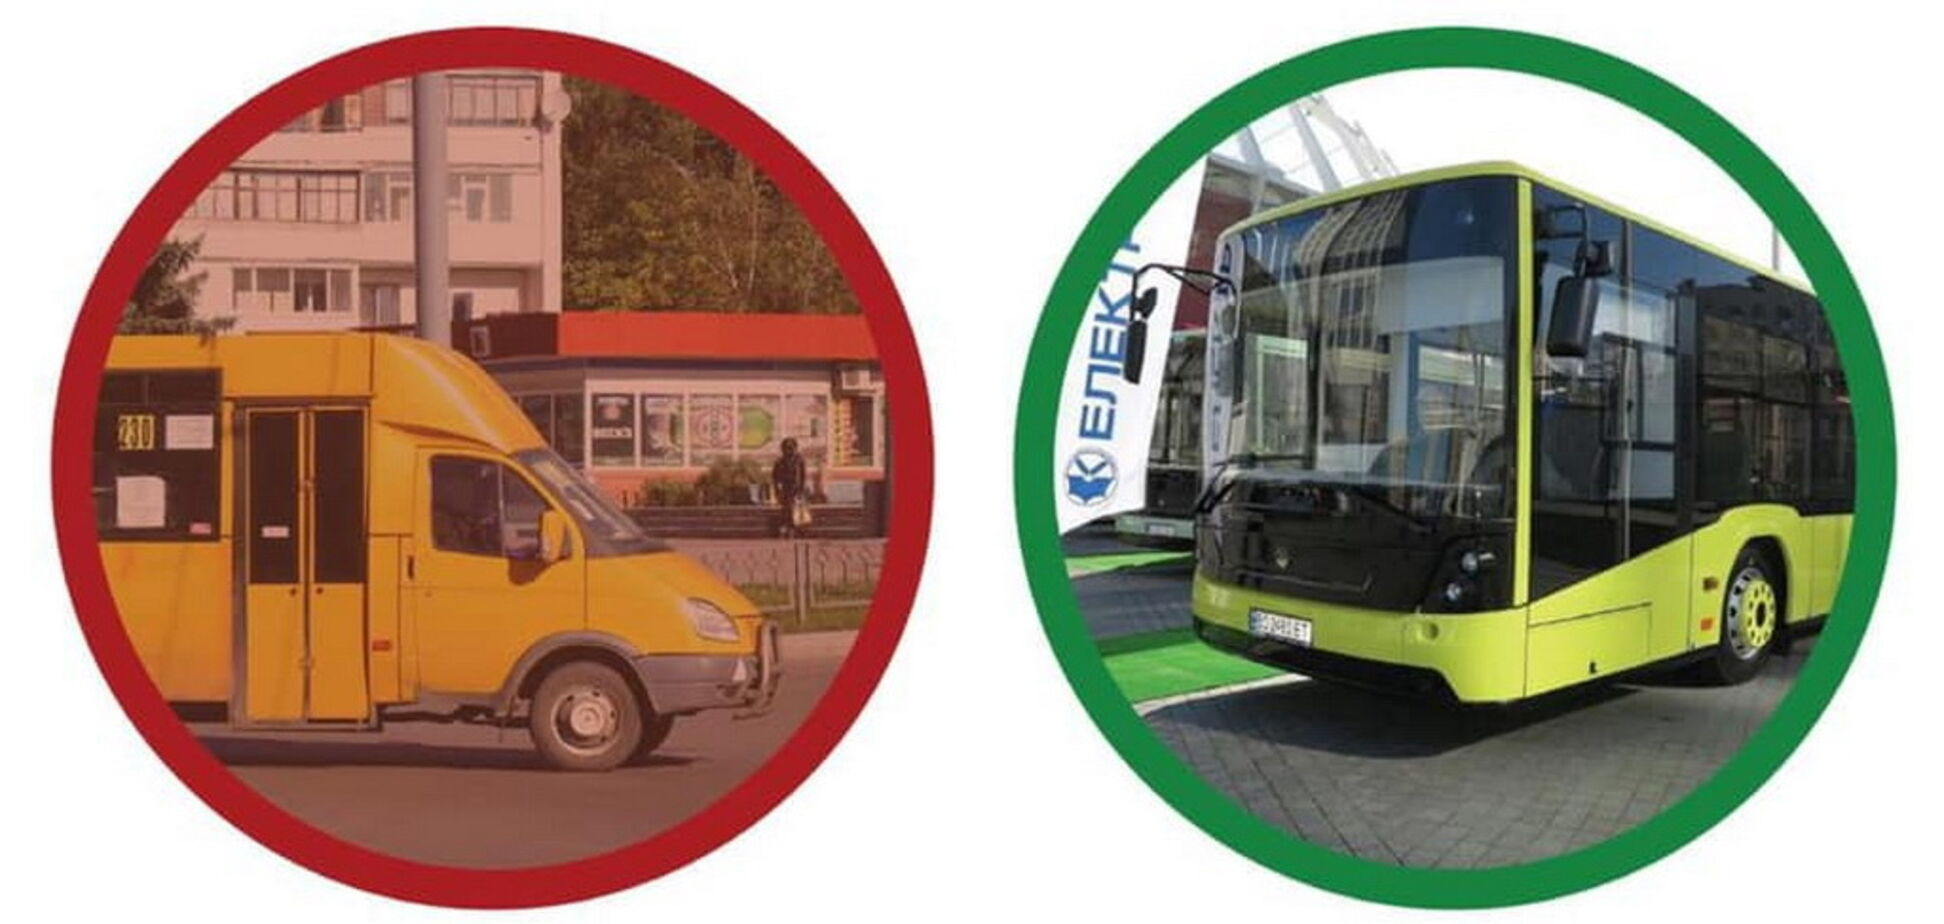 Депутаты хотят заменить маршрутки на автобусы